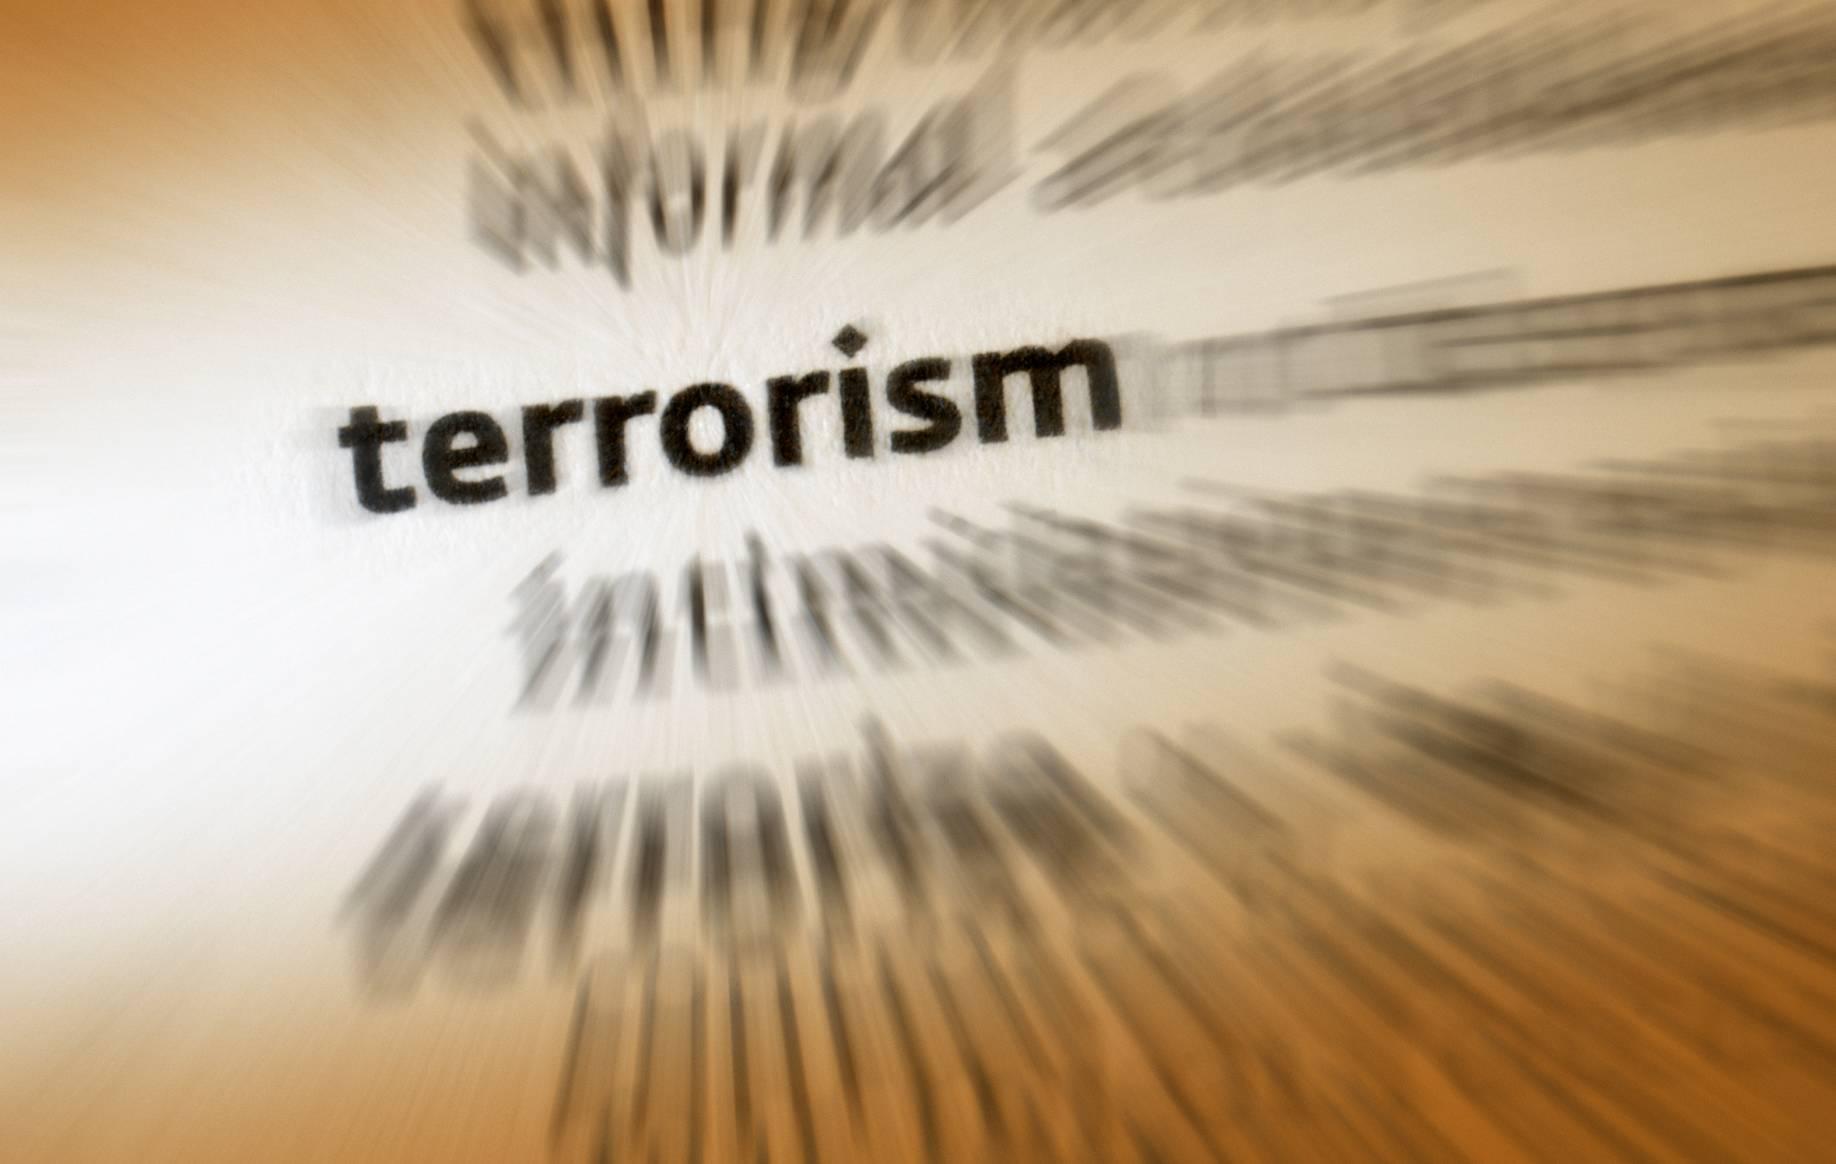 Како се лица означавају као терористи